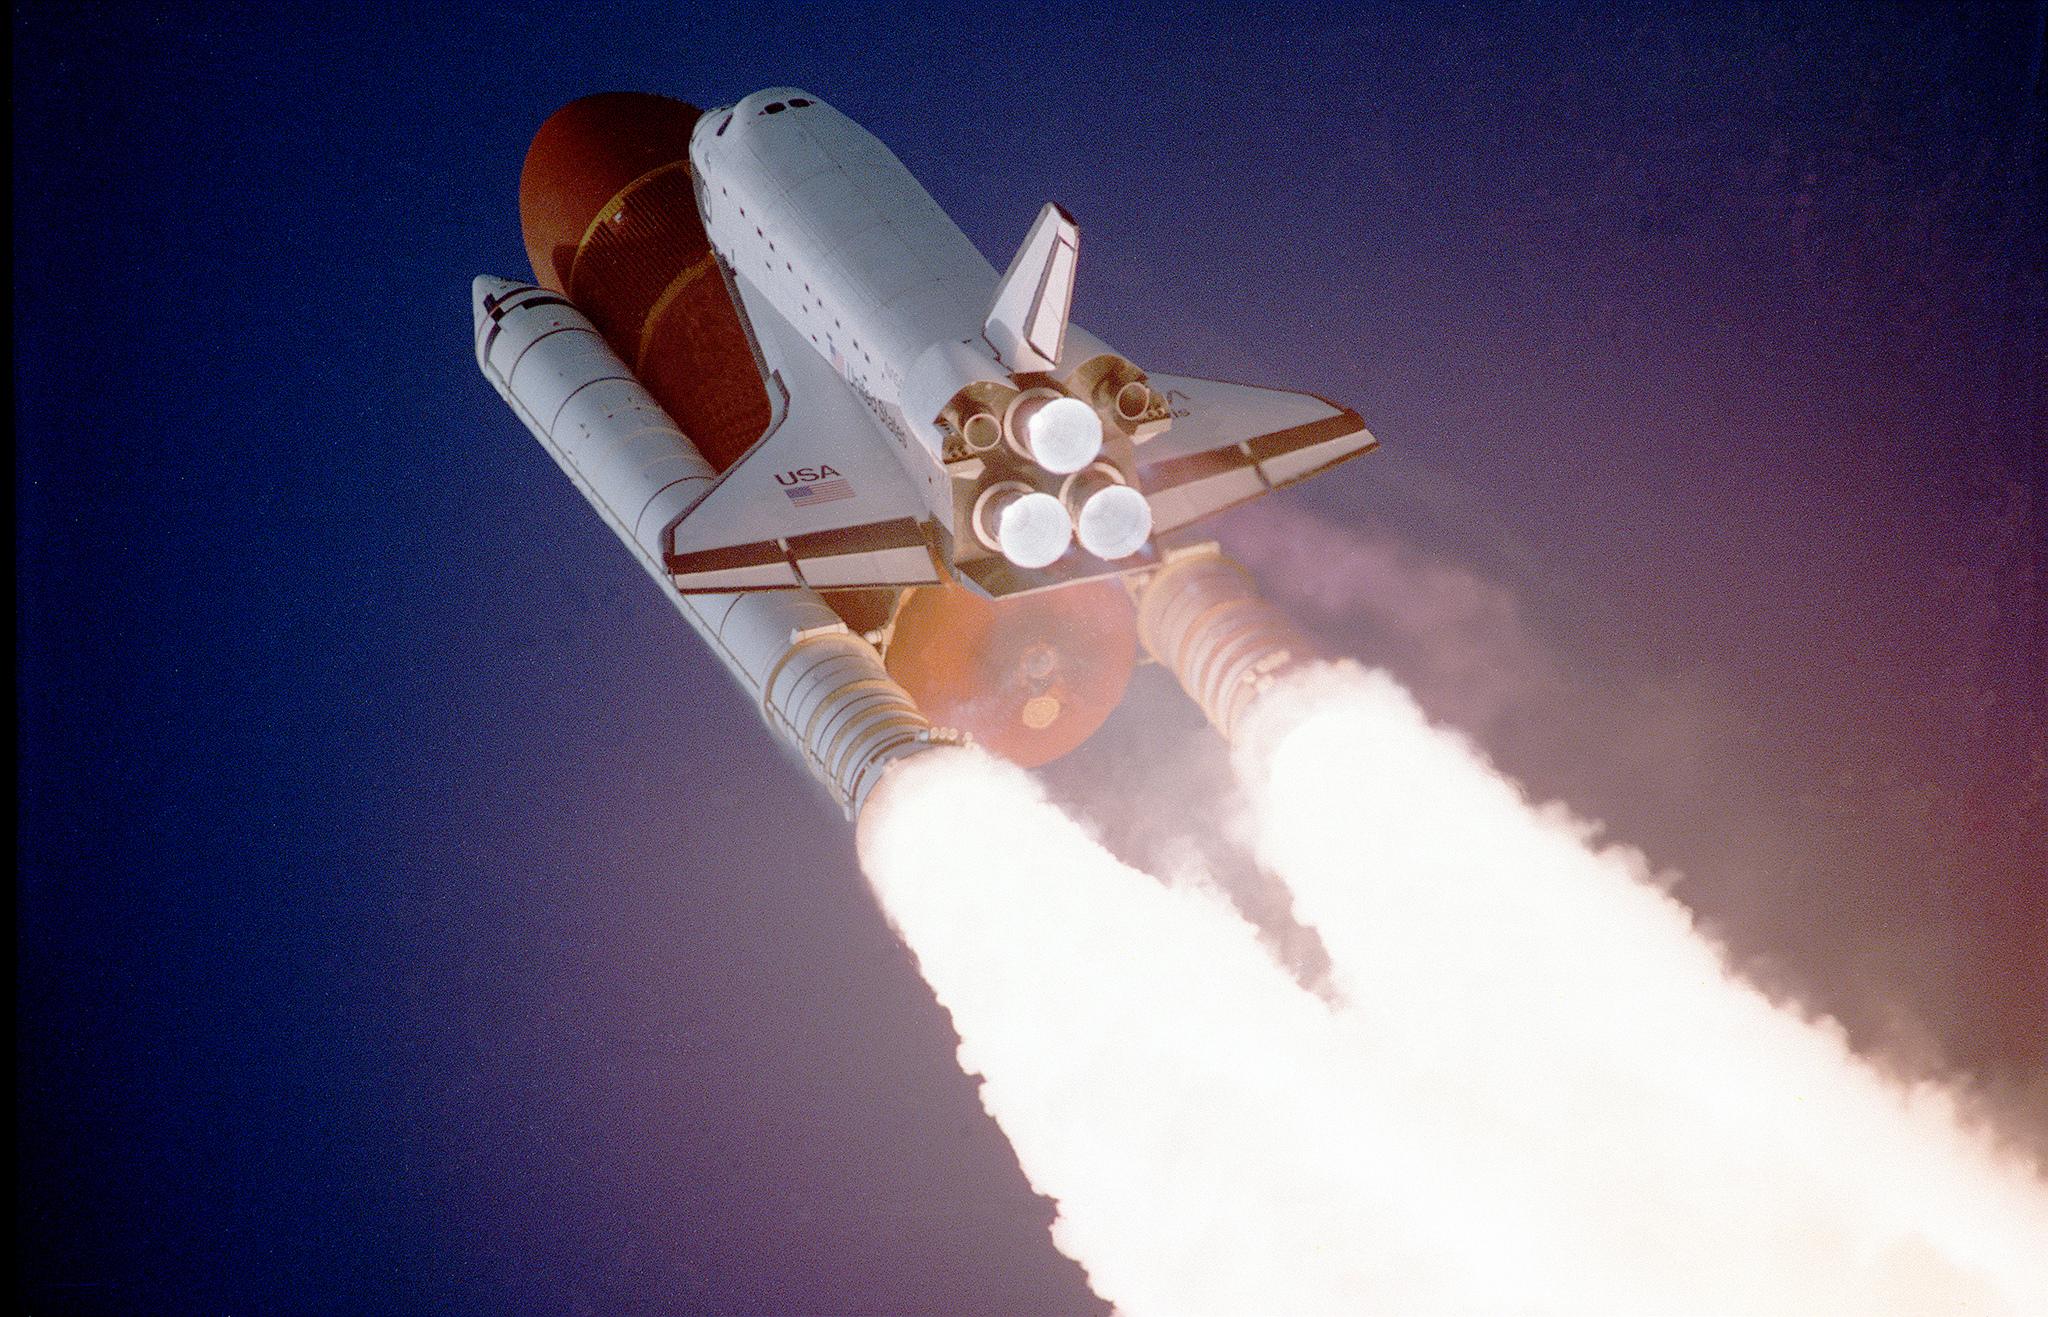 NASA STS-27, Orbiter Atlantis, Liftoff